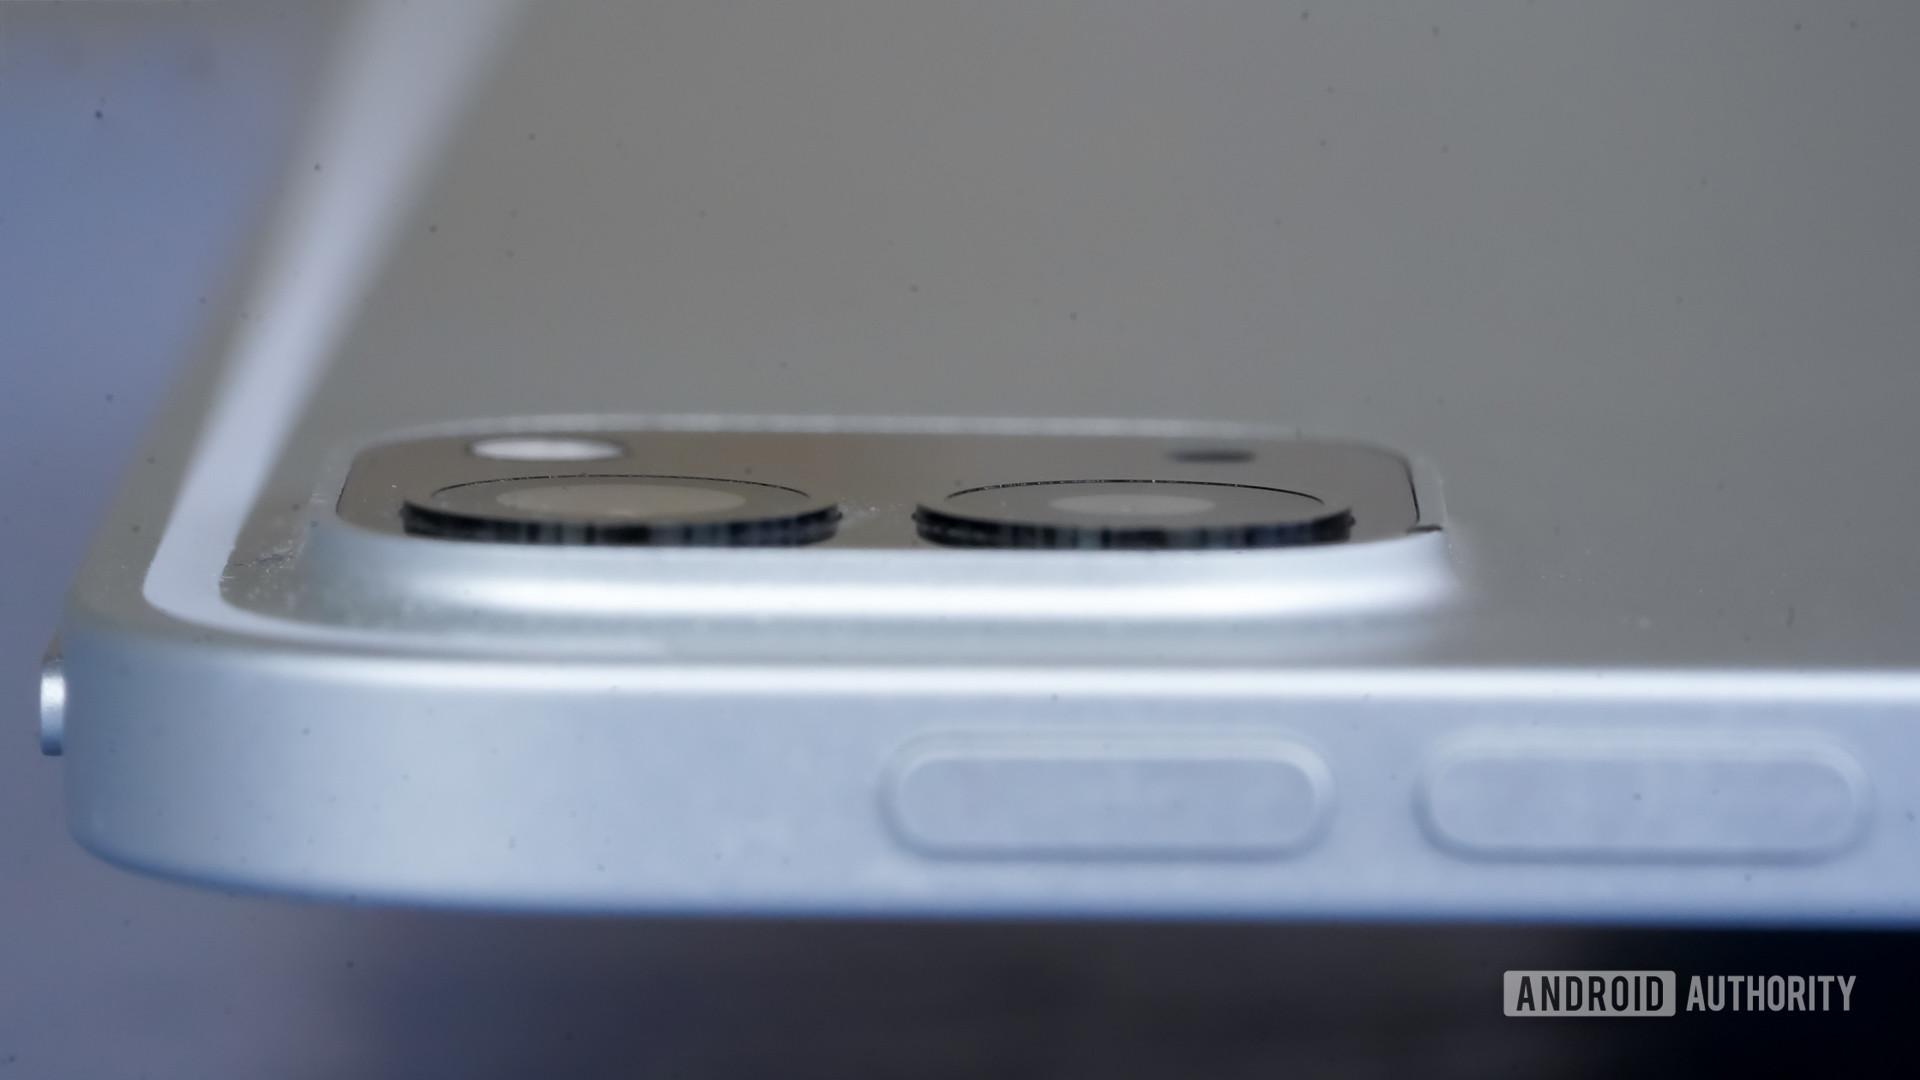 Apple iPad Pro 2020 camera module closeup